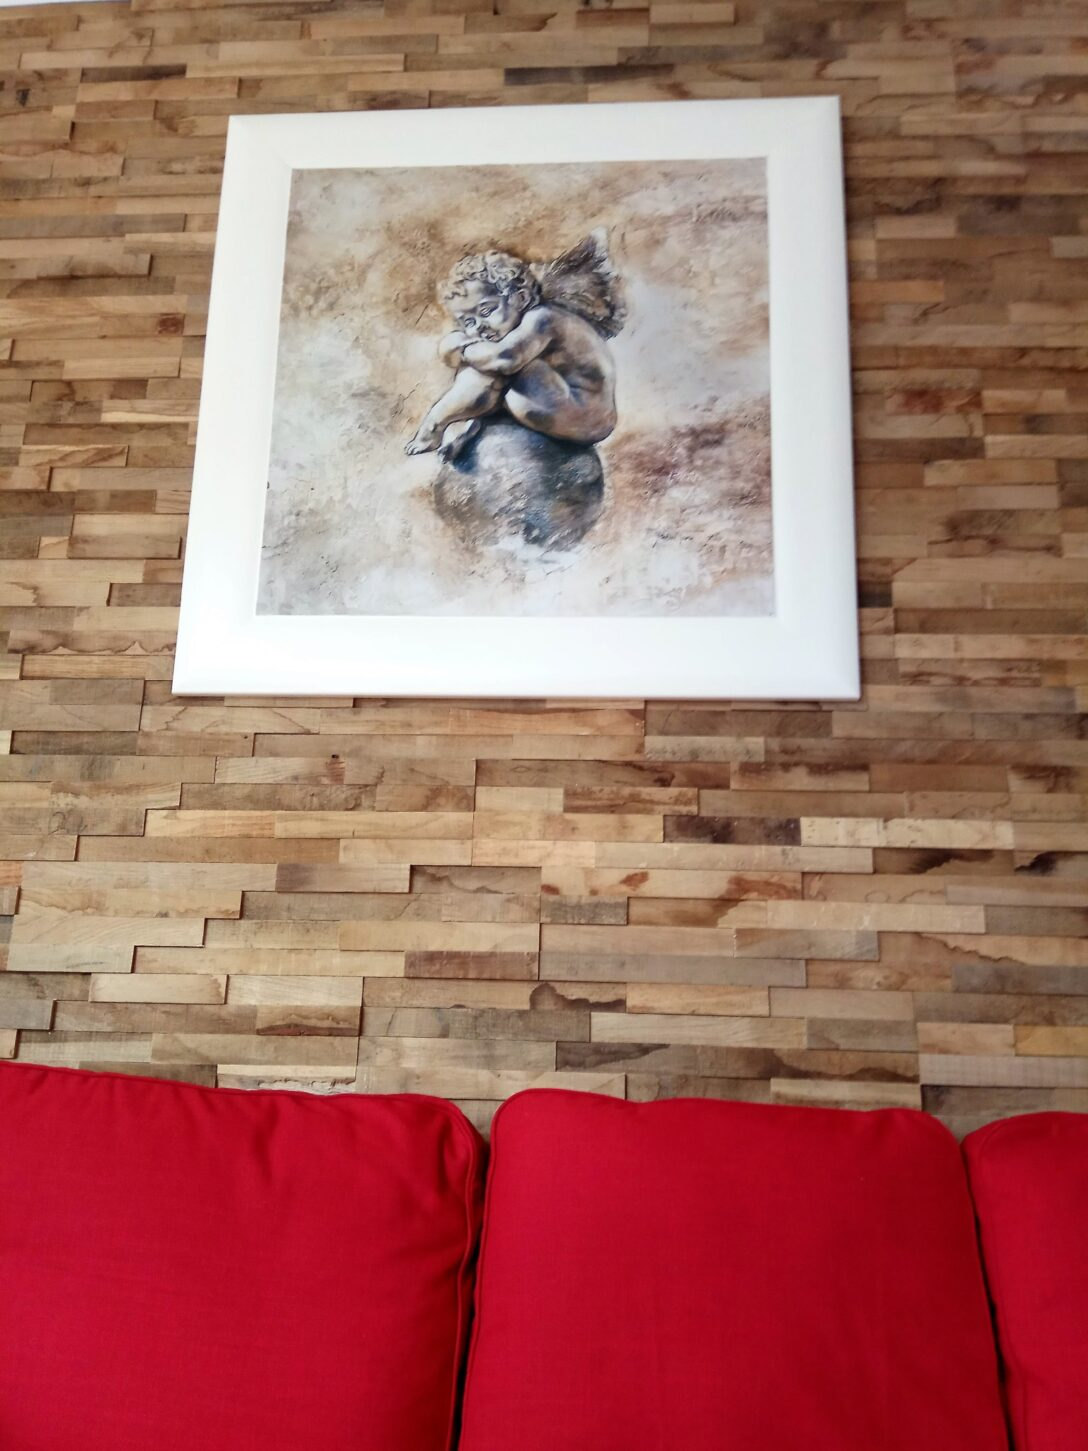 Large Size of Holzpaneele Harmony Natur Aus Eichenholz Als Wandgestaltung Natura Sofa Indirekte Beleuchtung Wohnzimmer Heizkörper Bilder Modern Vorhänge Kamin Stehleuchte Wohnzimmer Bilder Wohnzimmer Natur